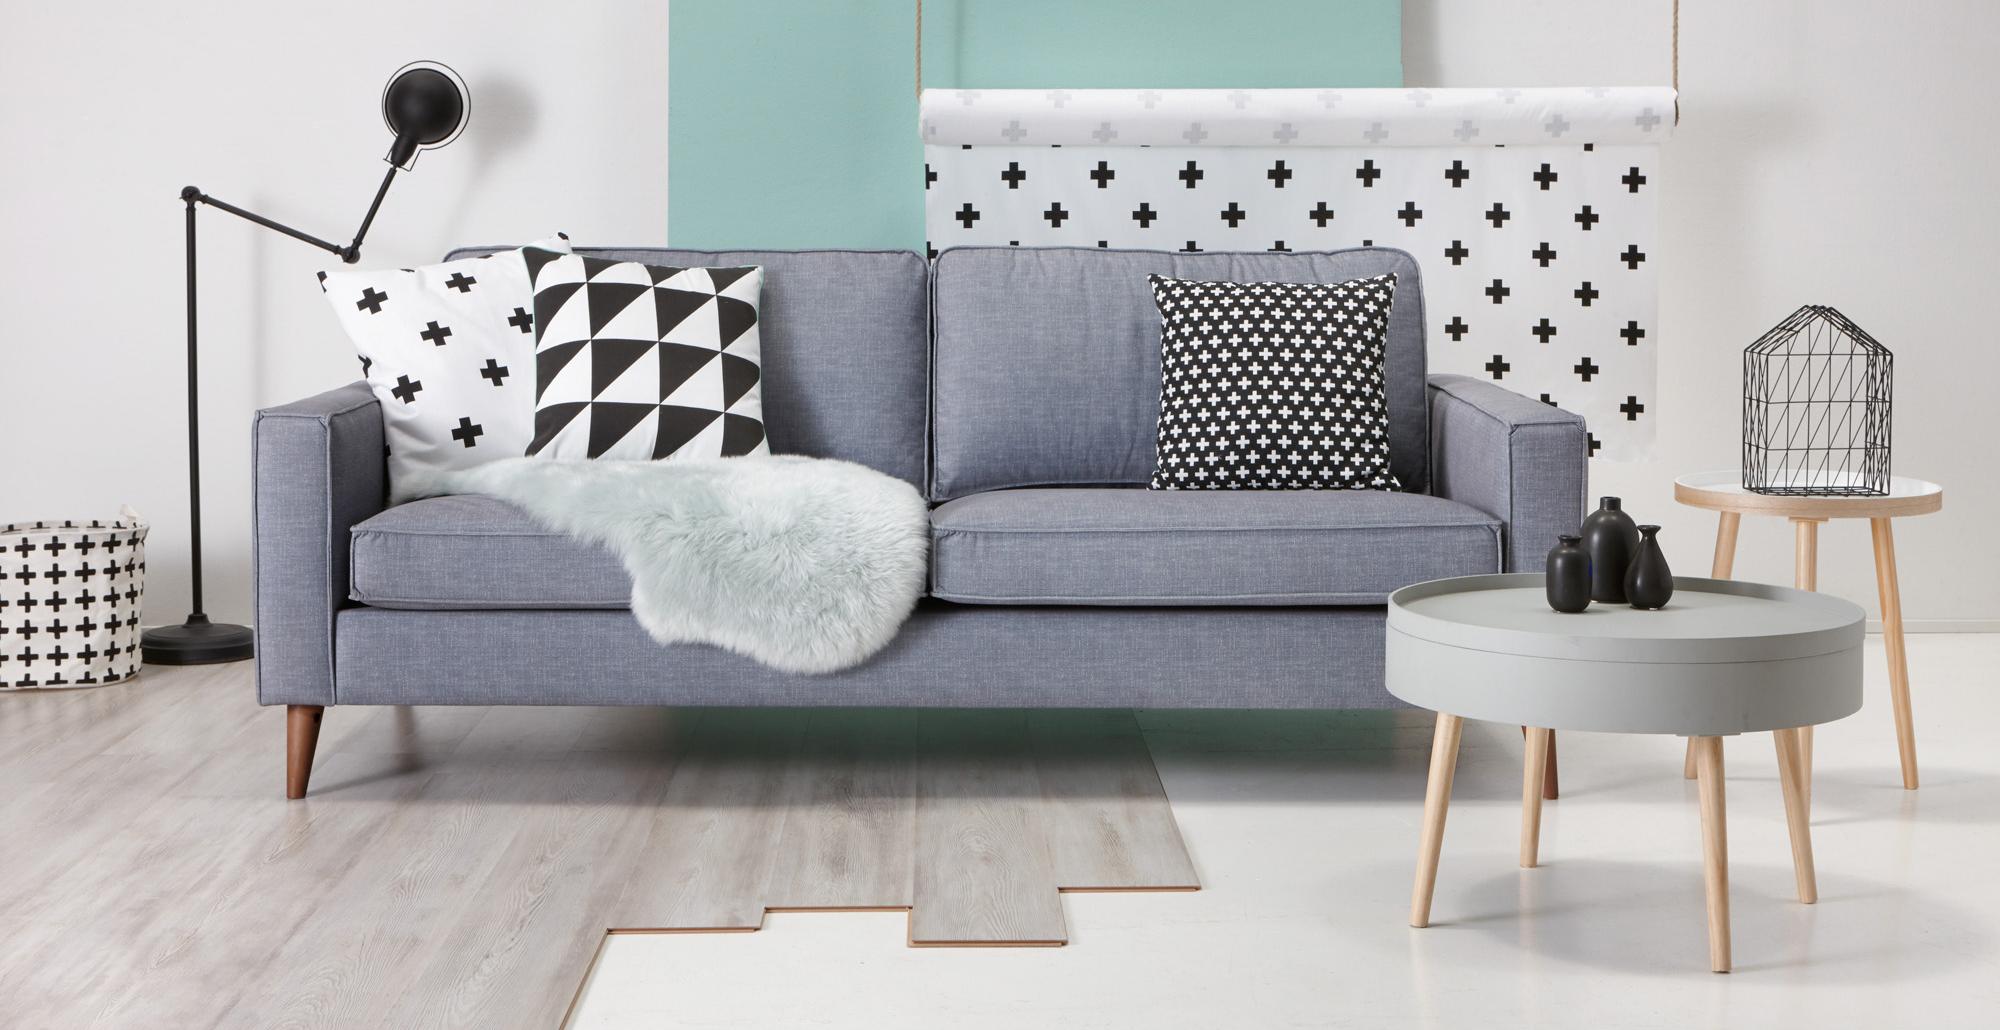 De nieuwste woontrends (woonkamer ideeën) | Twinkelbella